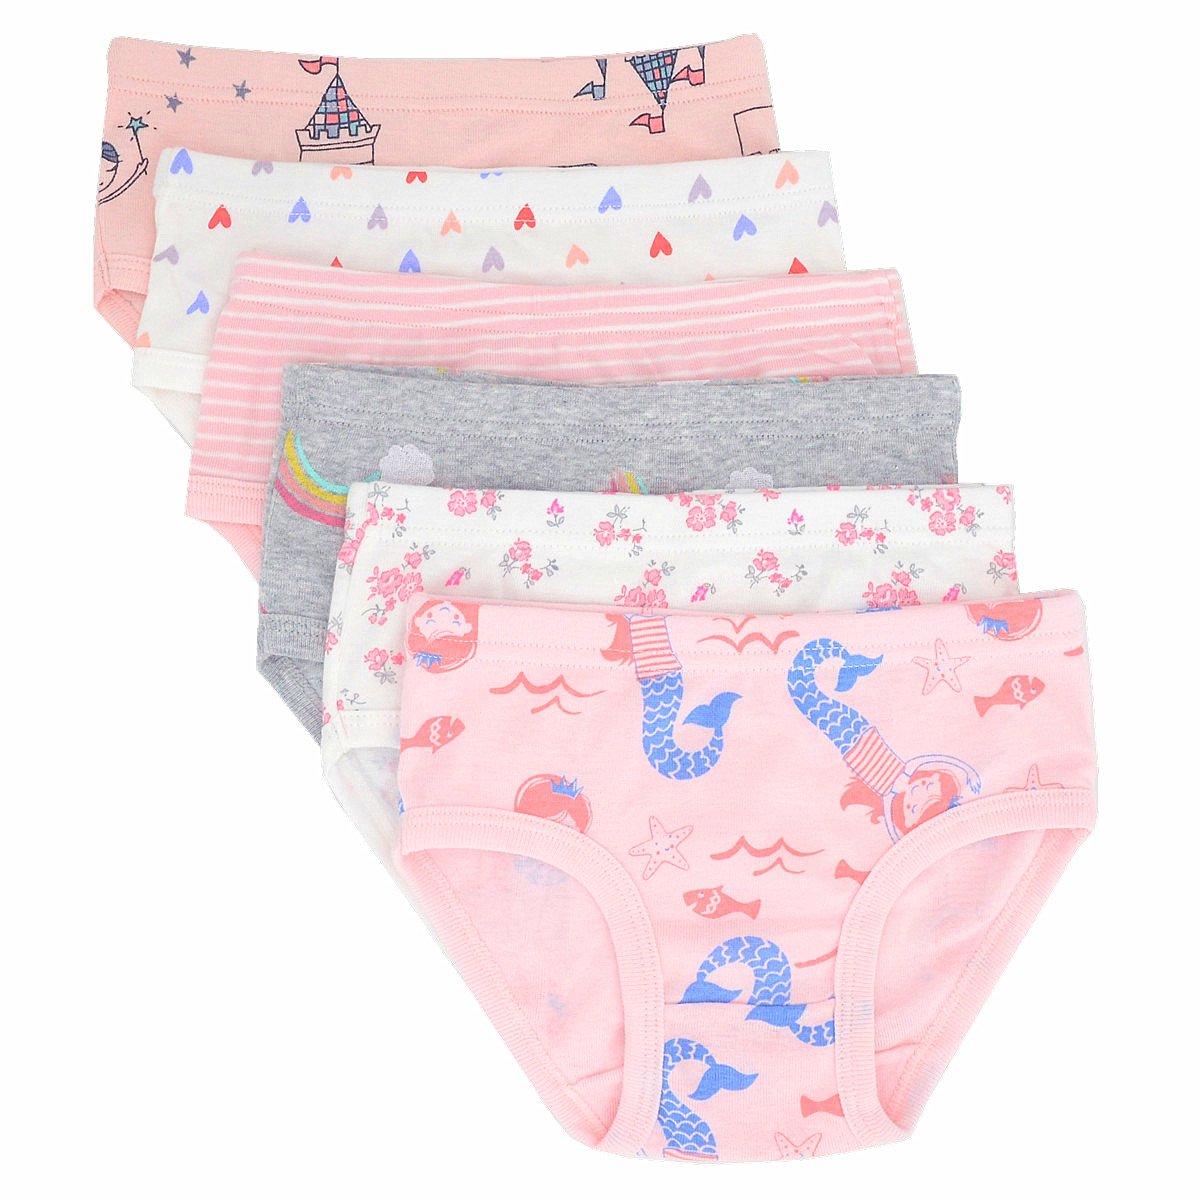 Toddler Little Girls' Briefs Panties Kids Cotton Underwear Set 6 Pack (4-5 Years, Style2)